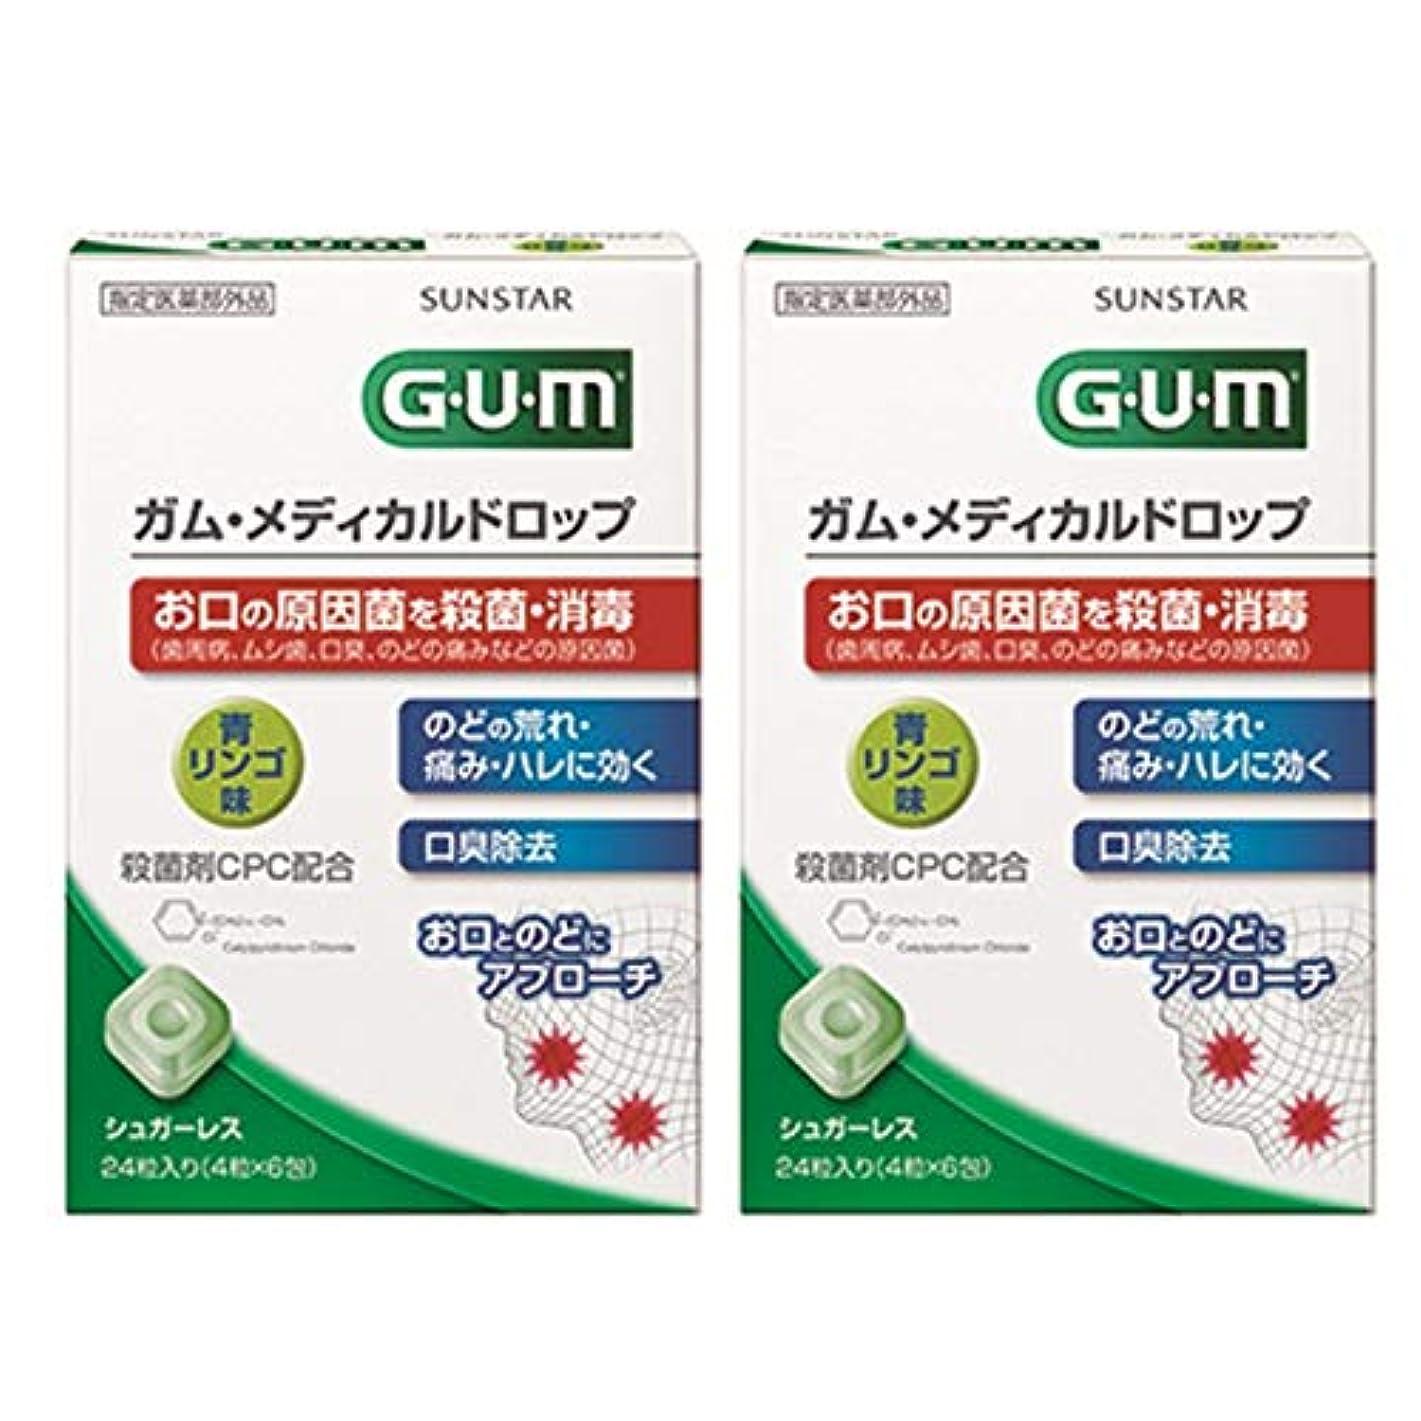 注釈ジョットディボンドンコマース[指定医薬部外品] GUM(ガム) メディカルドロップ 青リンゴ味 2個パック <口臭除去?のどの荒れ、痛み、ハレ対策>